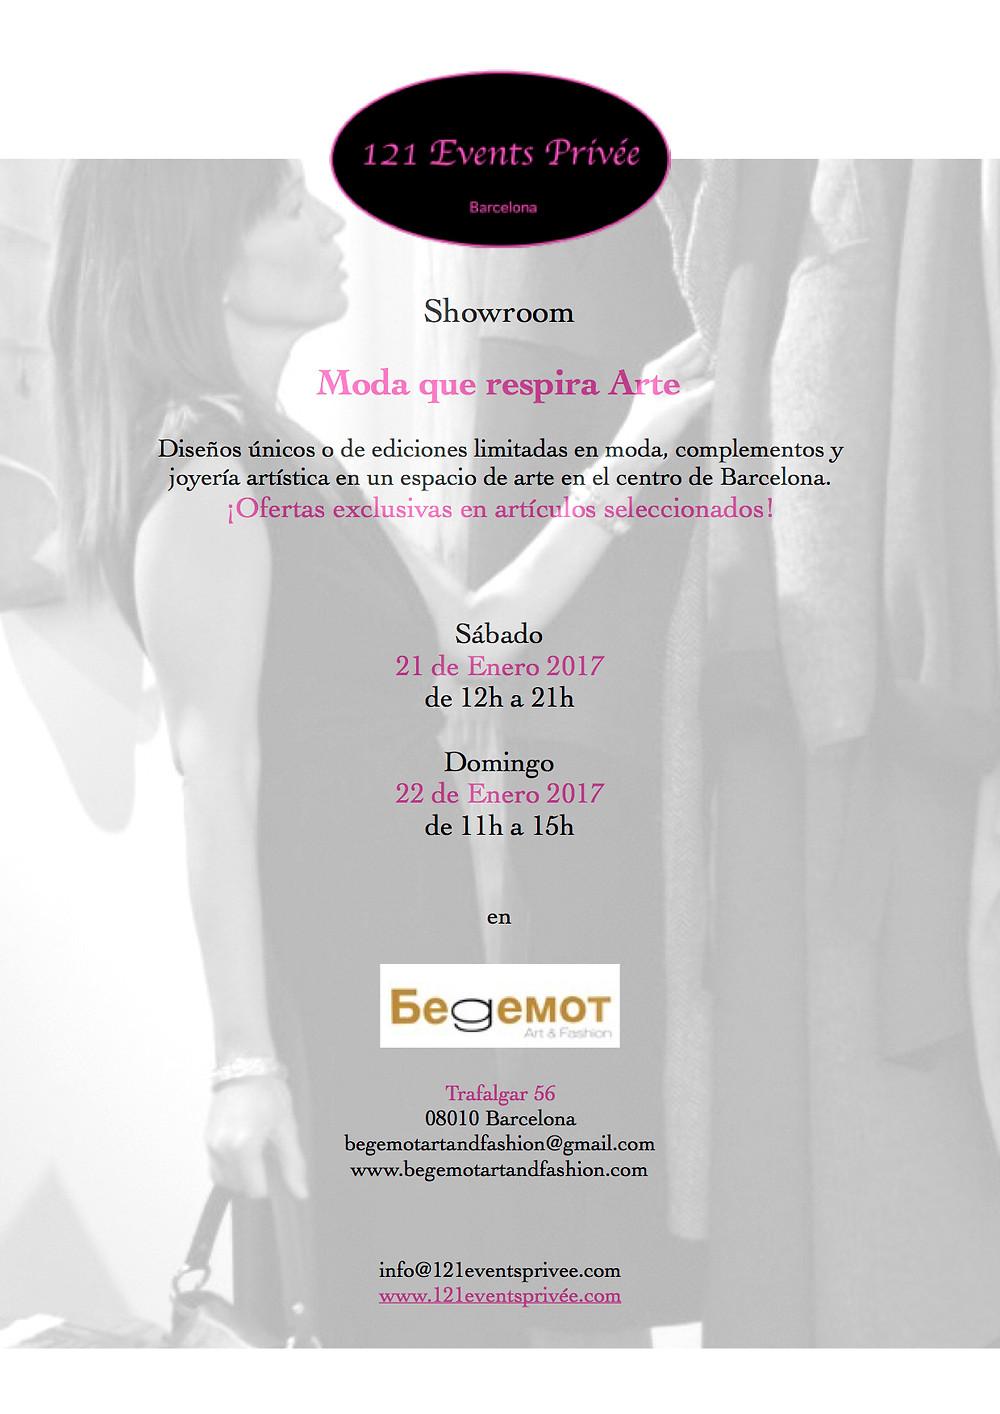 21.01.2017 de 12h a 21h y el 22.01.2017 de 11h a 15h Showroom en colaboración con 121 Events Privée. www.121eventsprivee.com